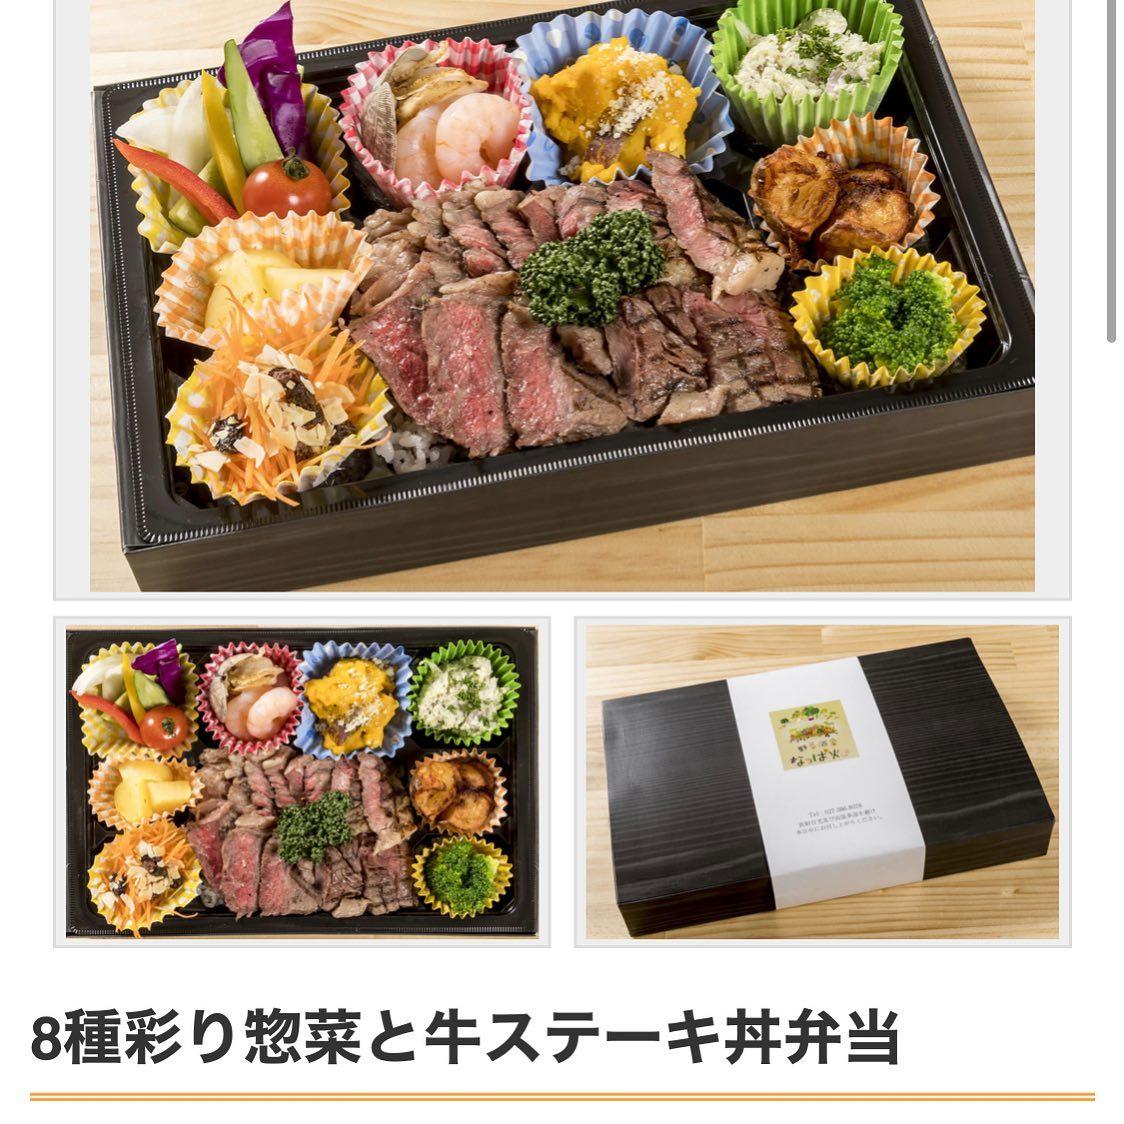 今日のオススメ牛肉弁当 ¥2100税込